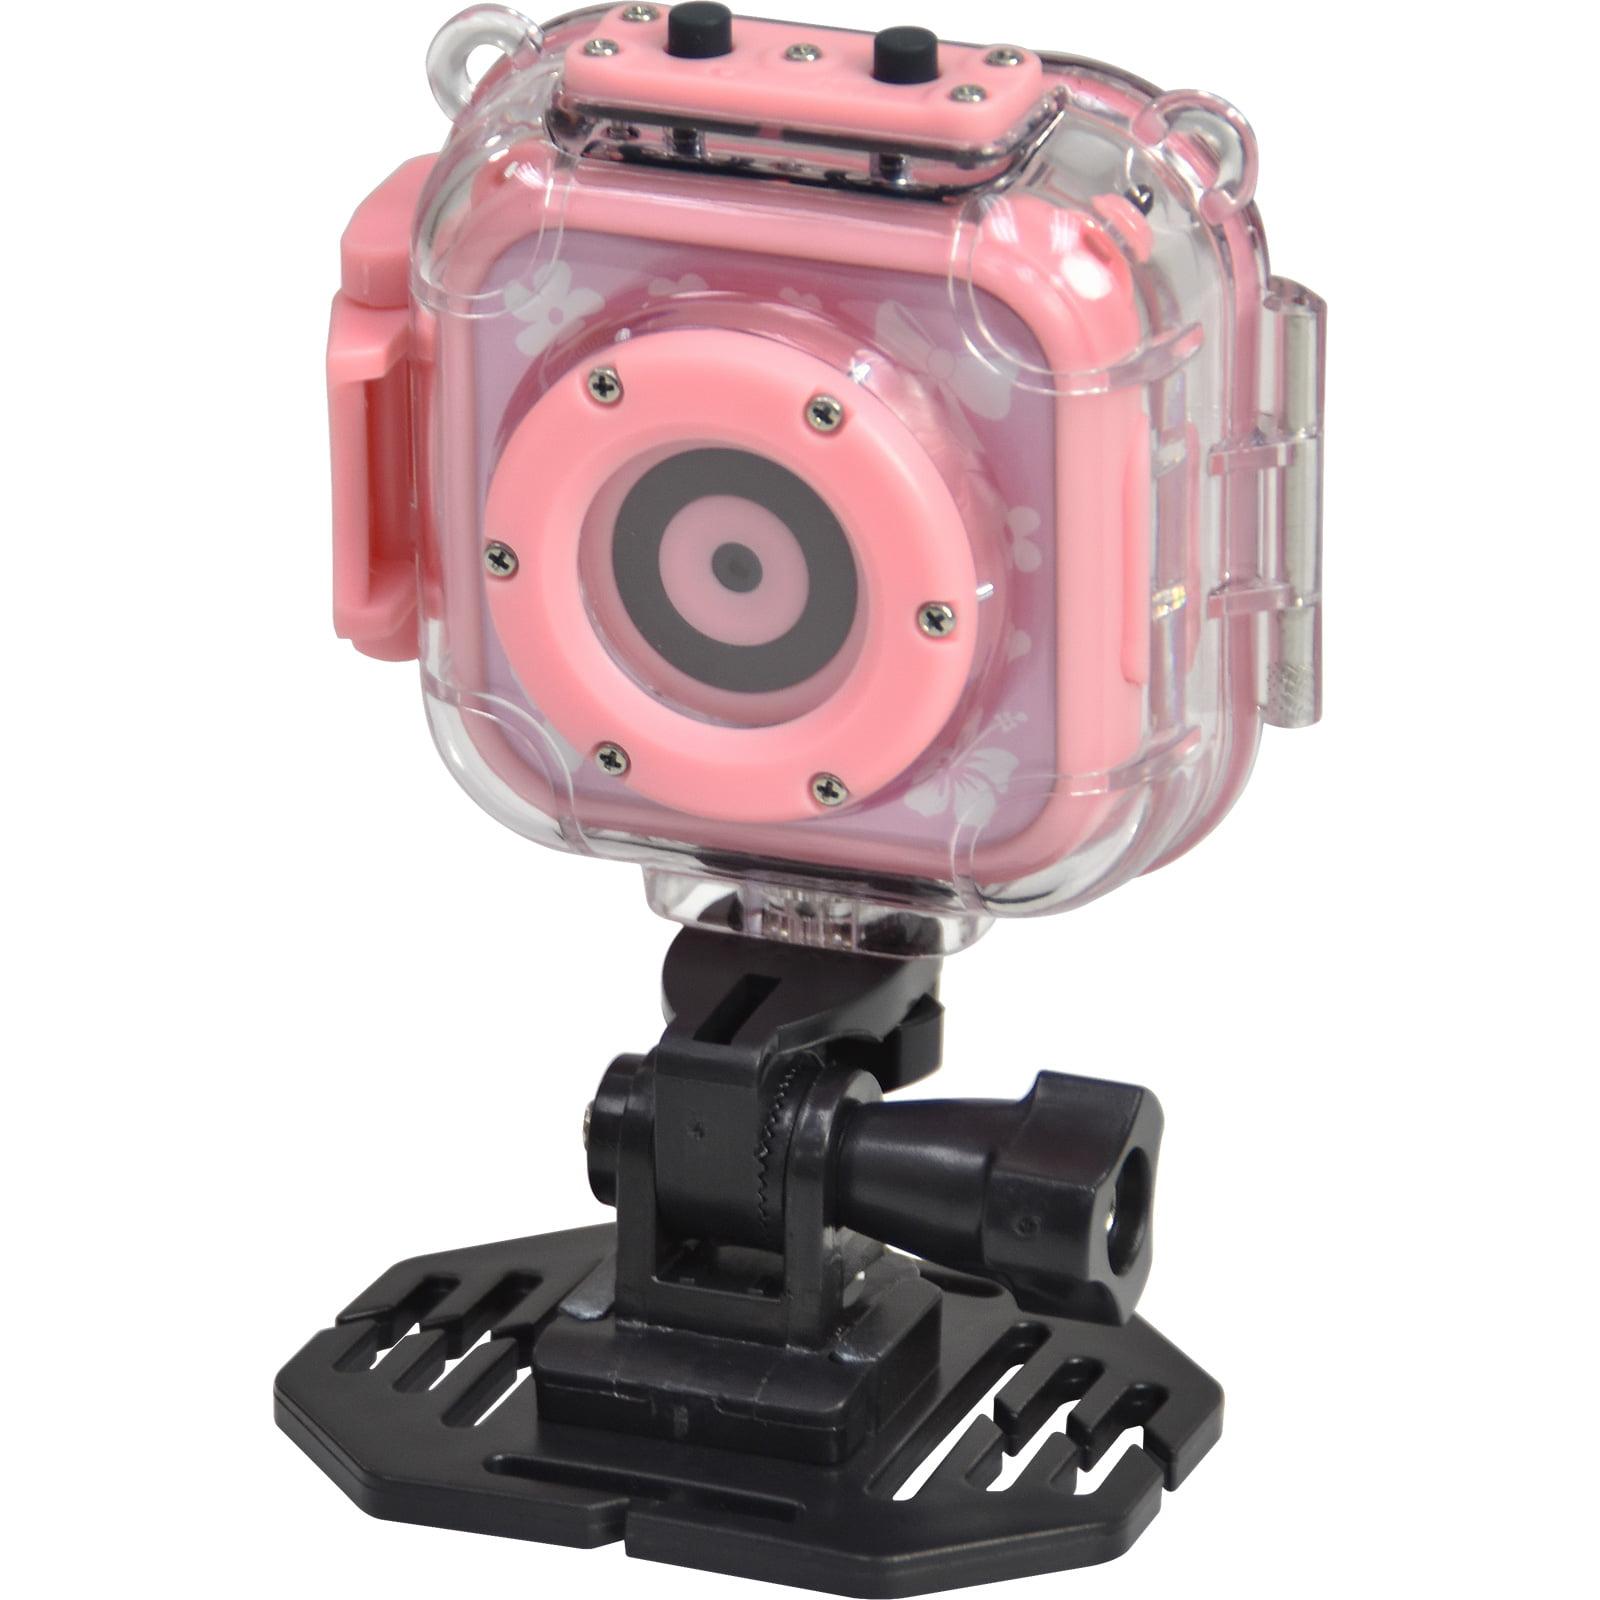 Precision Design K1 Kids HD Action Camera Camcorder (Pink) with Helmet + Bike / Handlebar Mounts